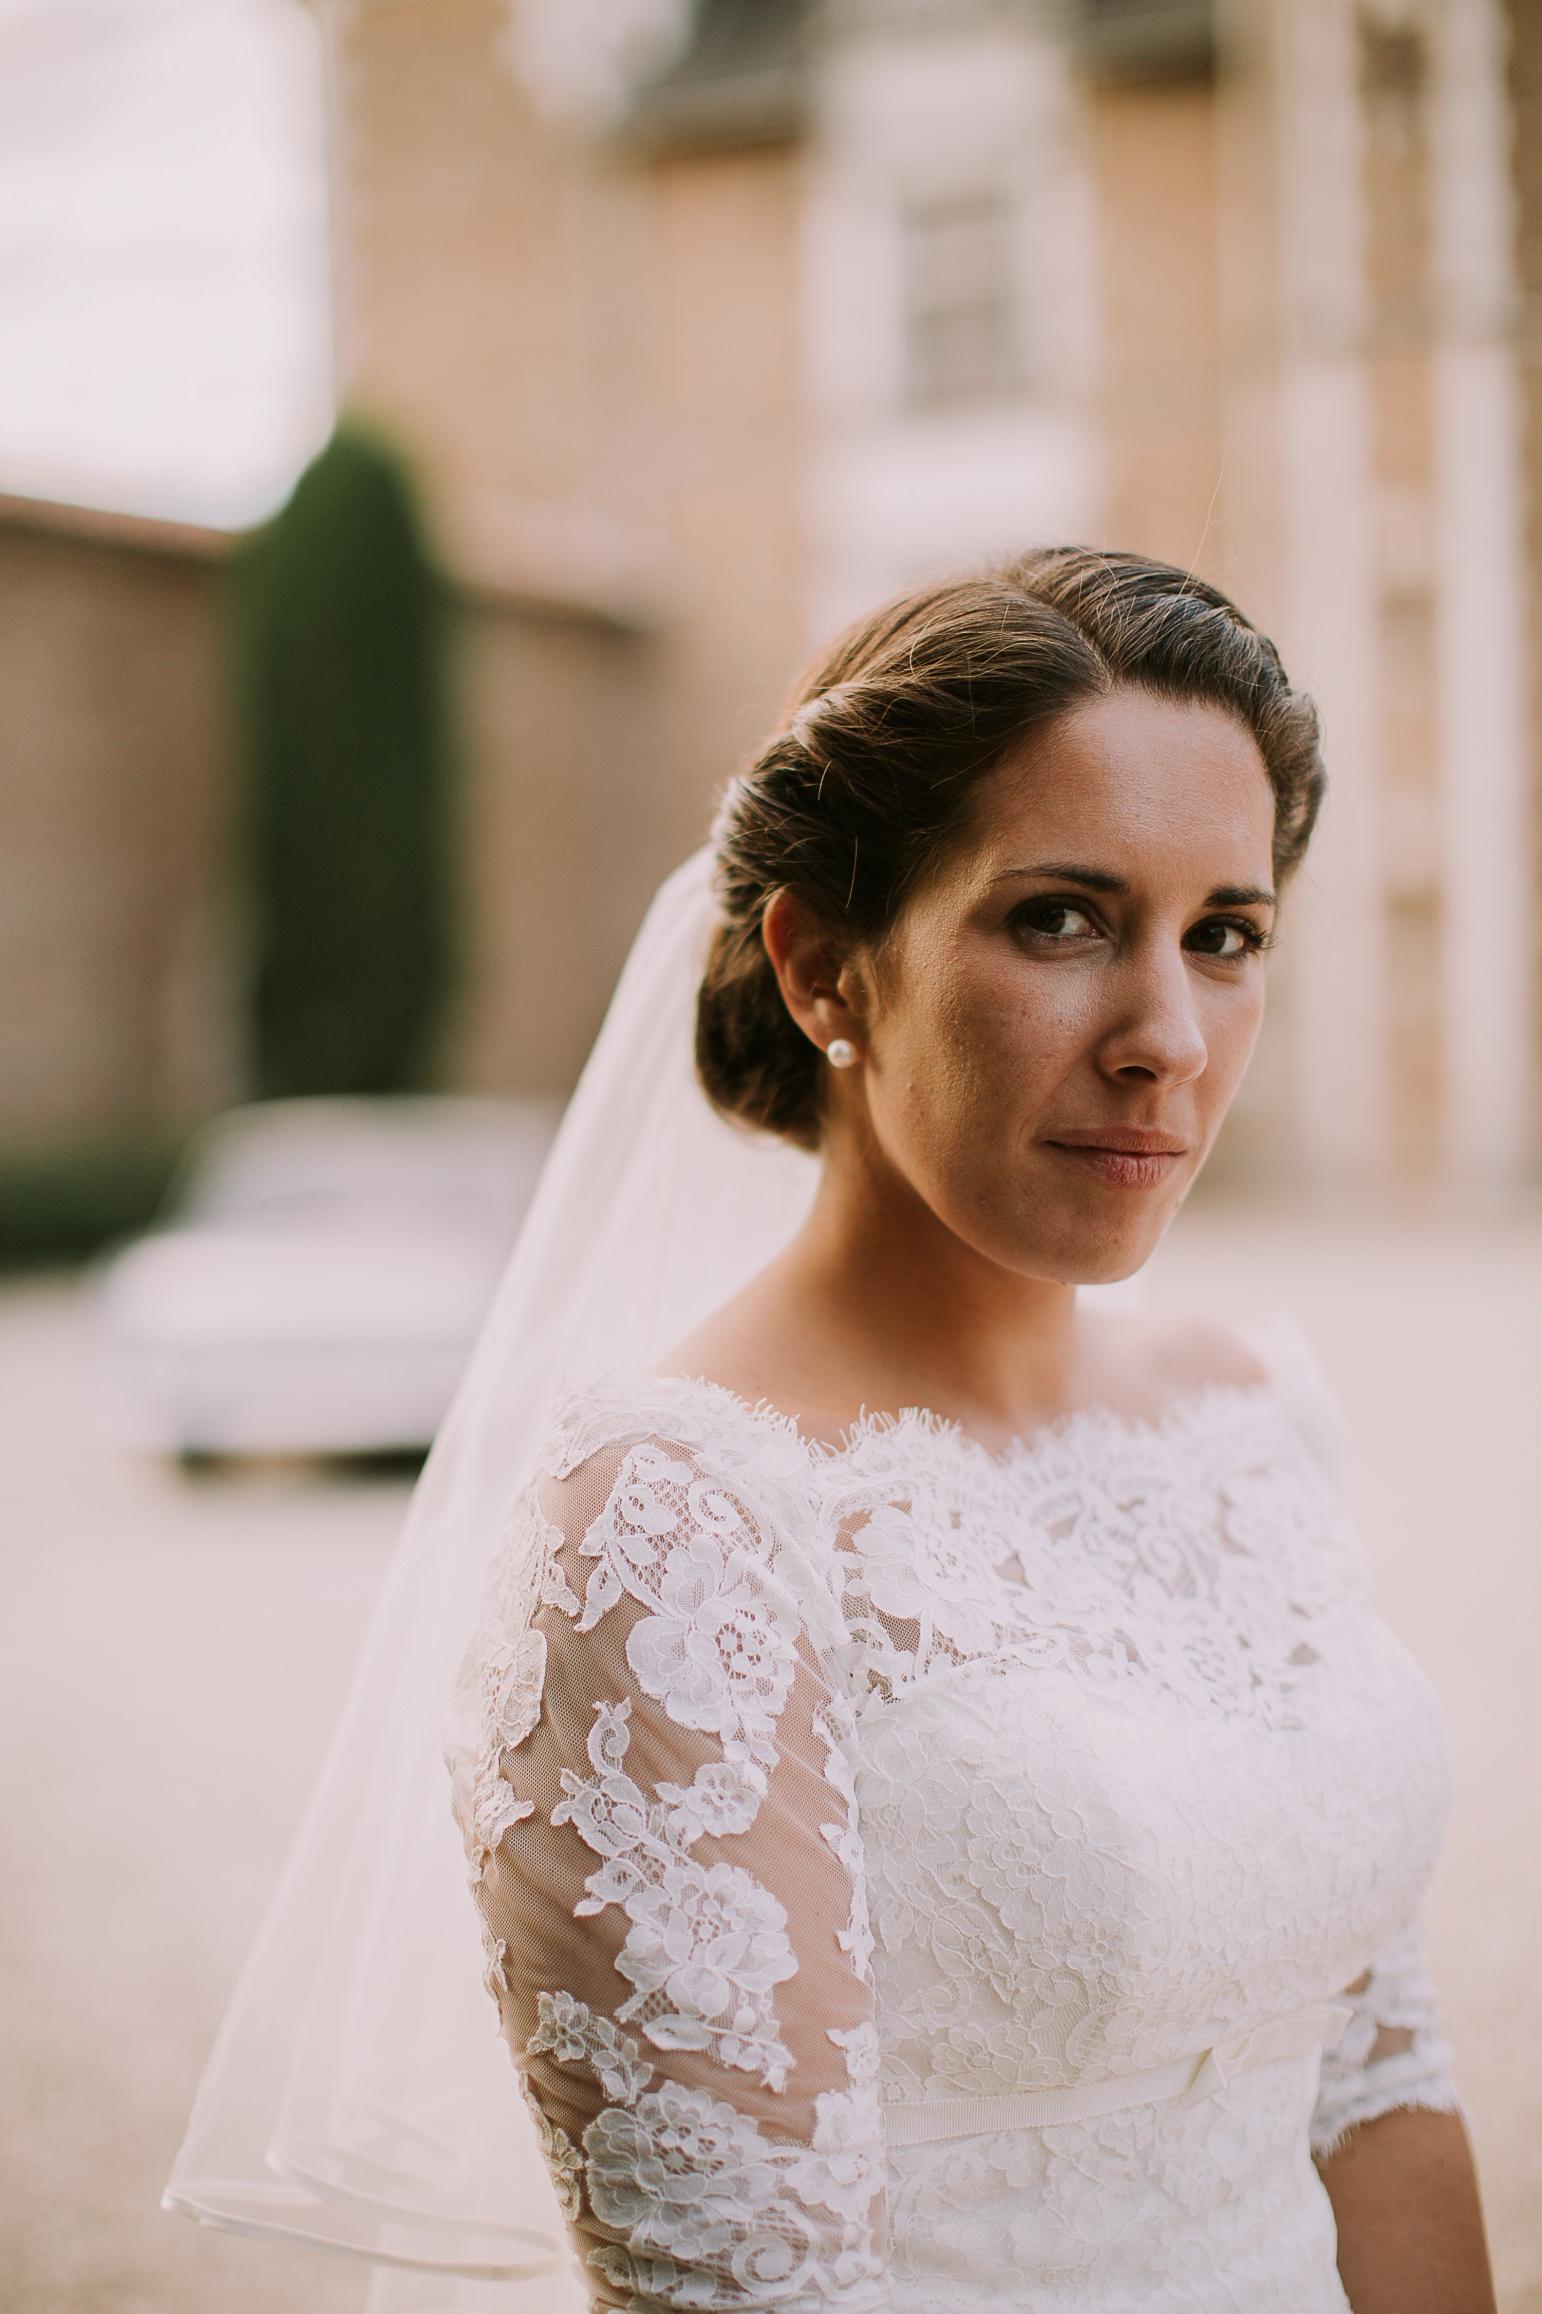 kateryna-photos-mariage-wedding-france-bretagne-pays-de-la-loire-chateau-de-la-colaissiere-st-sauveur-de-landemont_0083.jpg